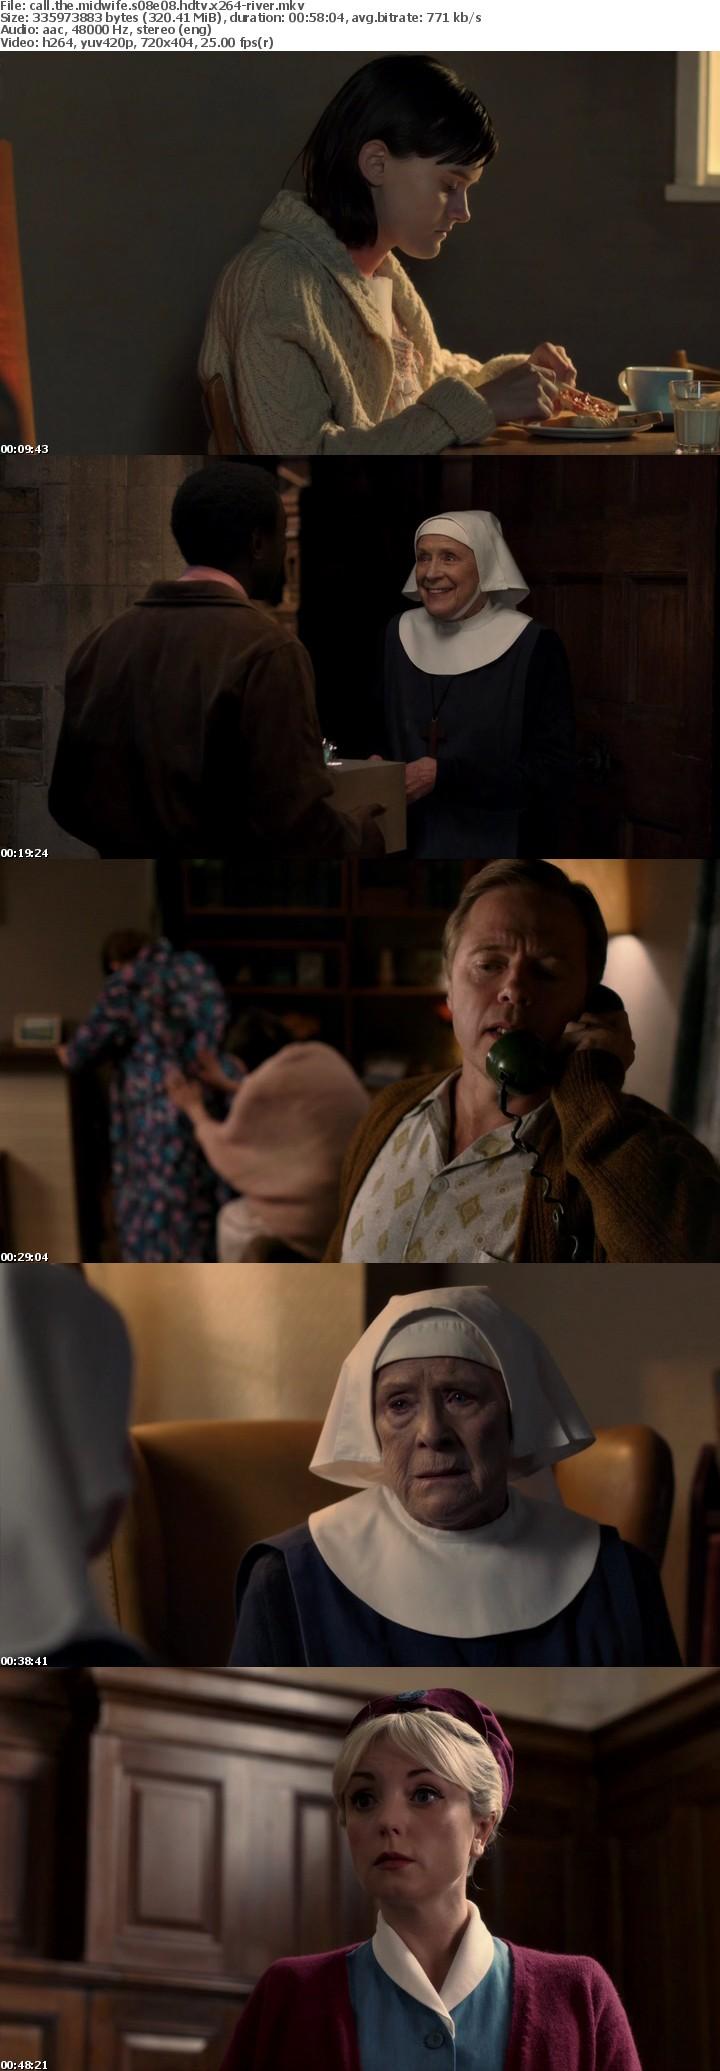 Call The Midwife S08E08 HDTV x264-RiVER